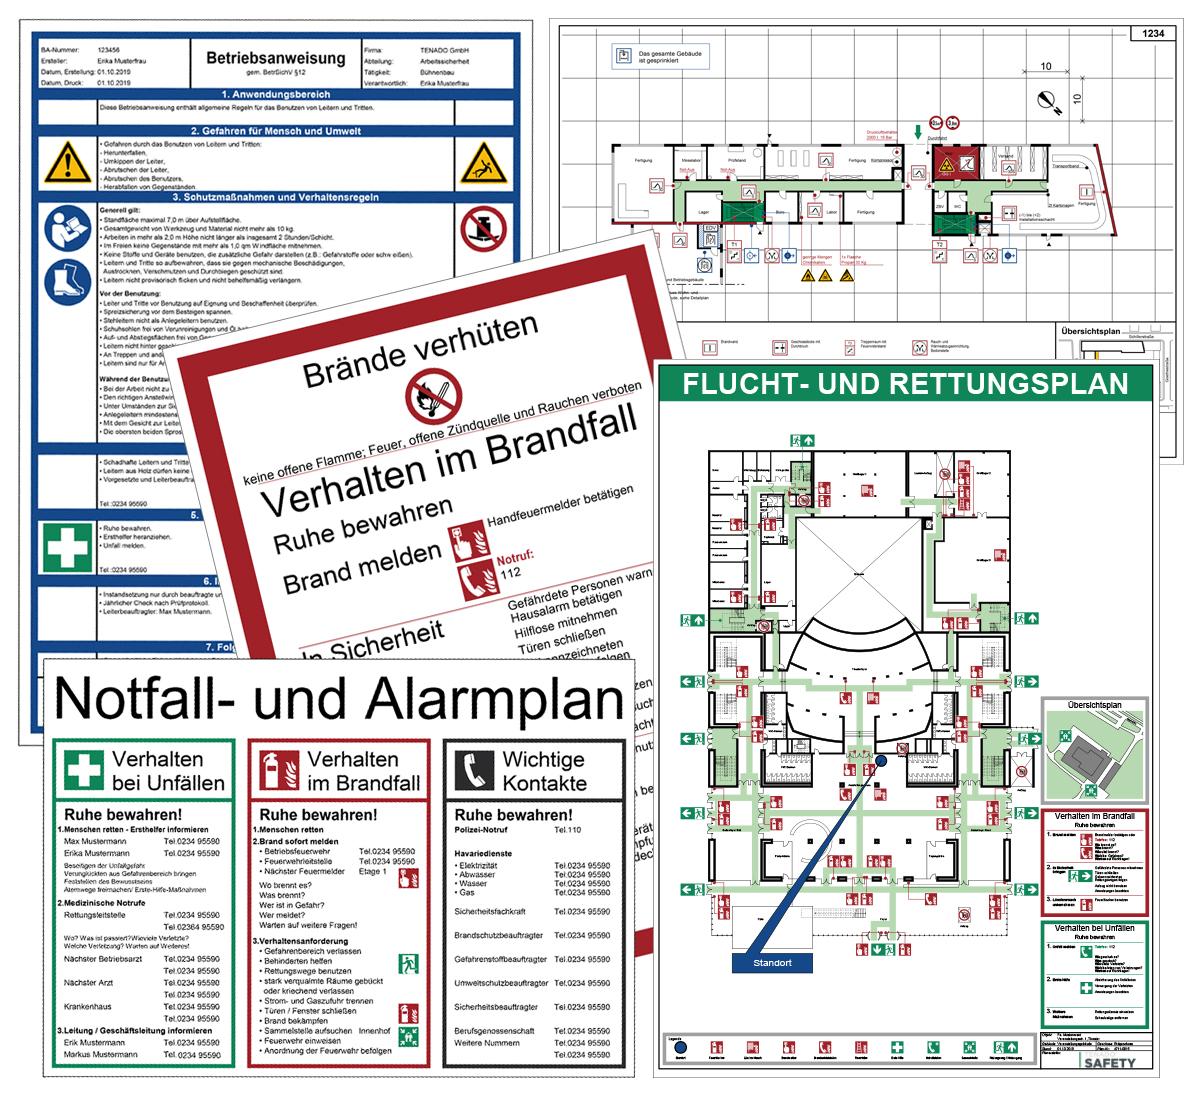 schwarz//rot//gr/ün Stehleiter-Gebrauchsanweisung gem/ä/ß DIN EN 131-3 20,0 x 5,0cm Folie Grund wei/ß Druck